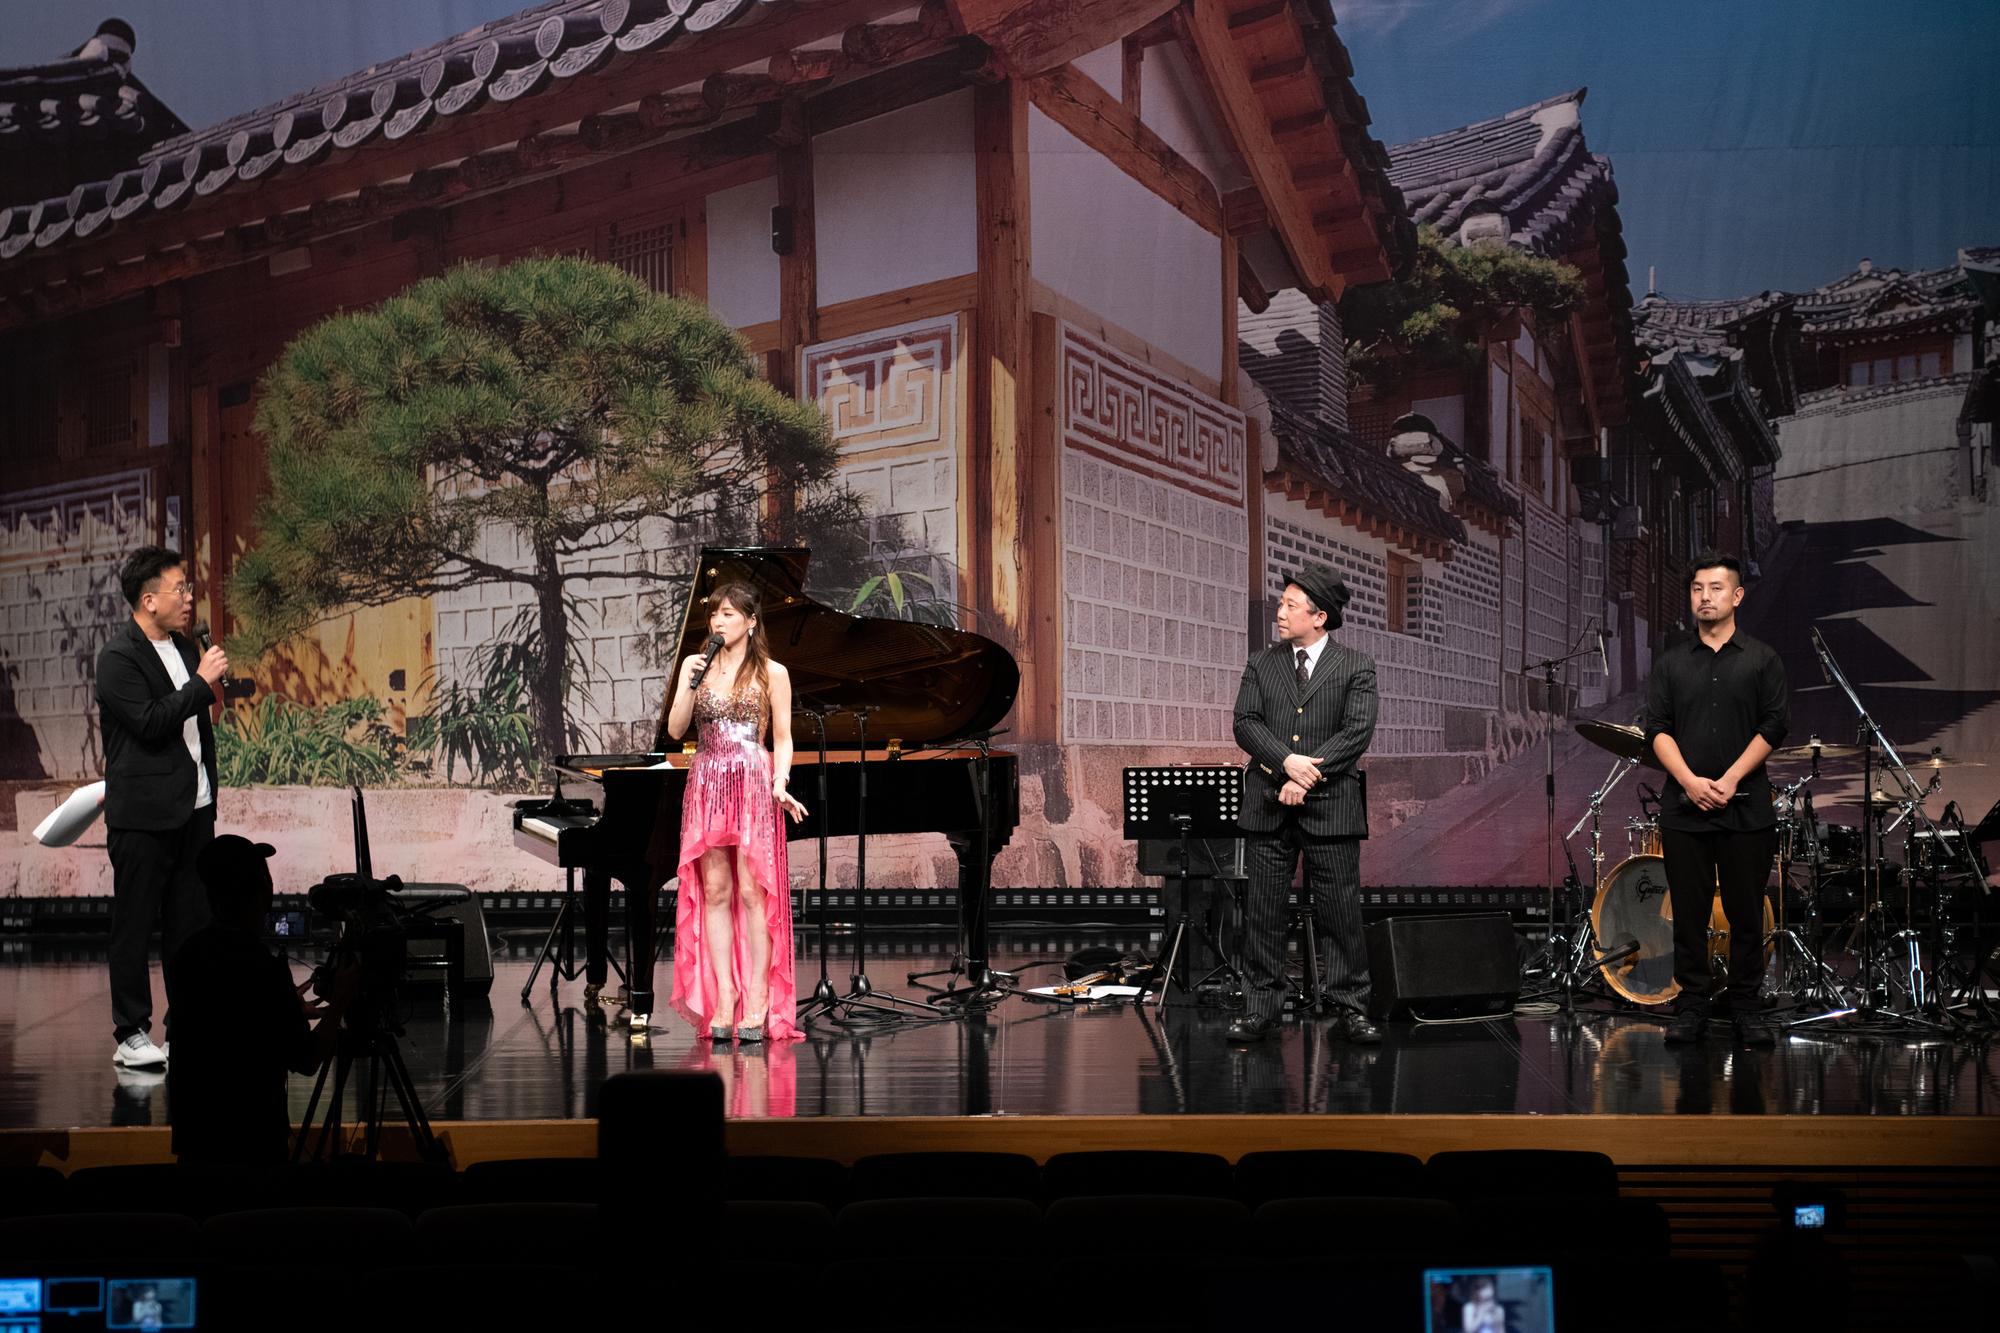 左から)MC 古家正亨 / 高木里代子(ピアノ) / 塩田哲嗣(ベース) / 山内陽一朗(ドラム)